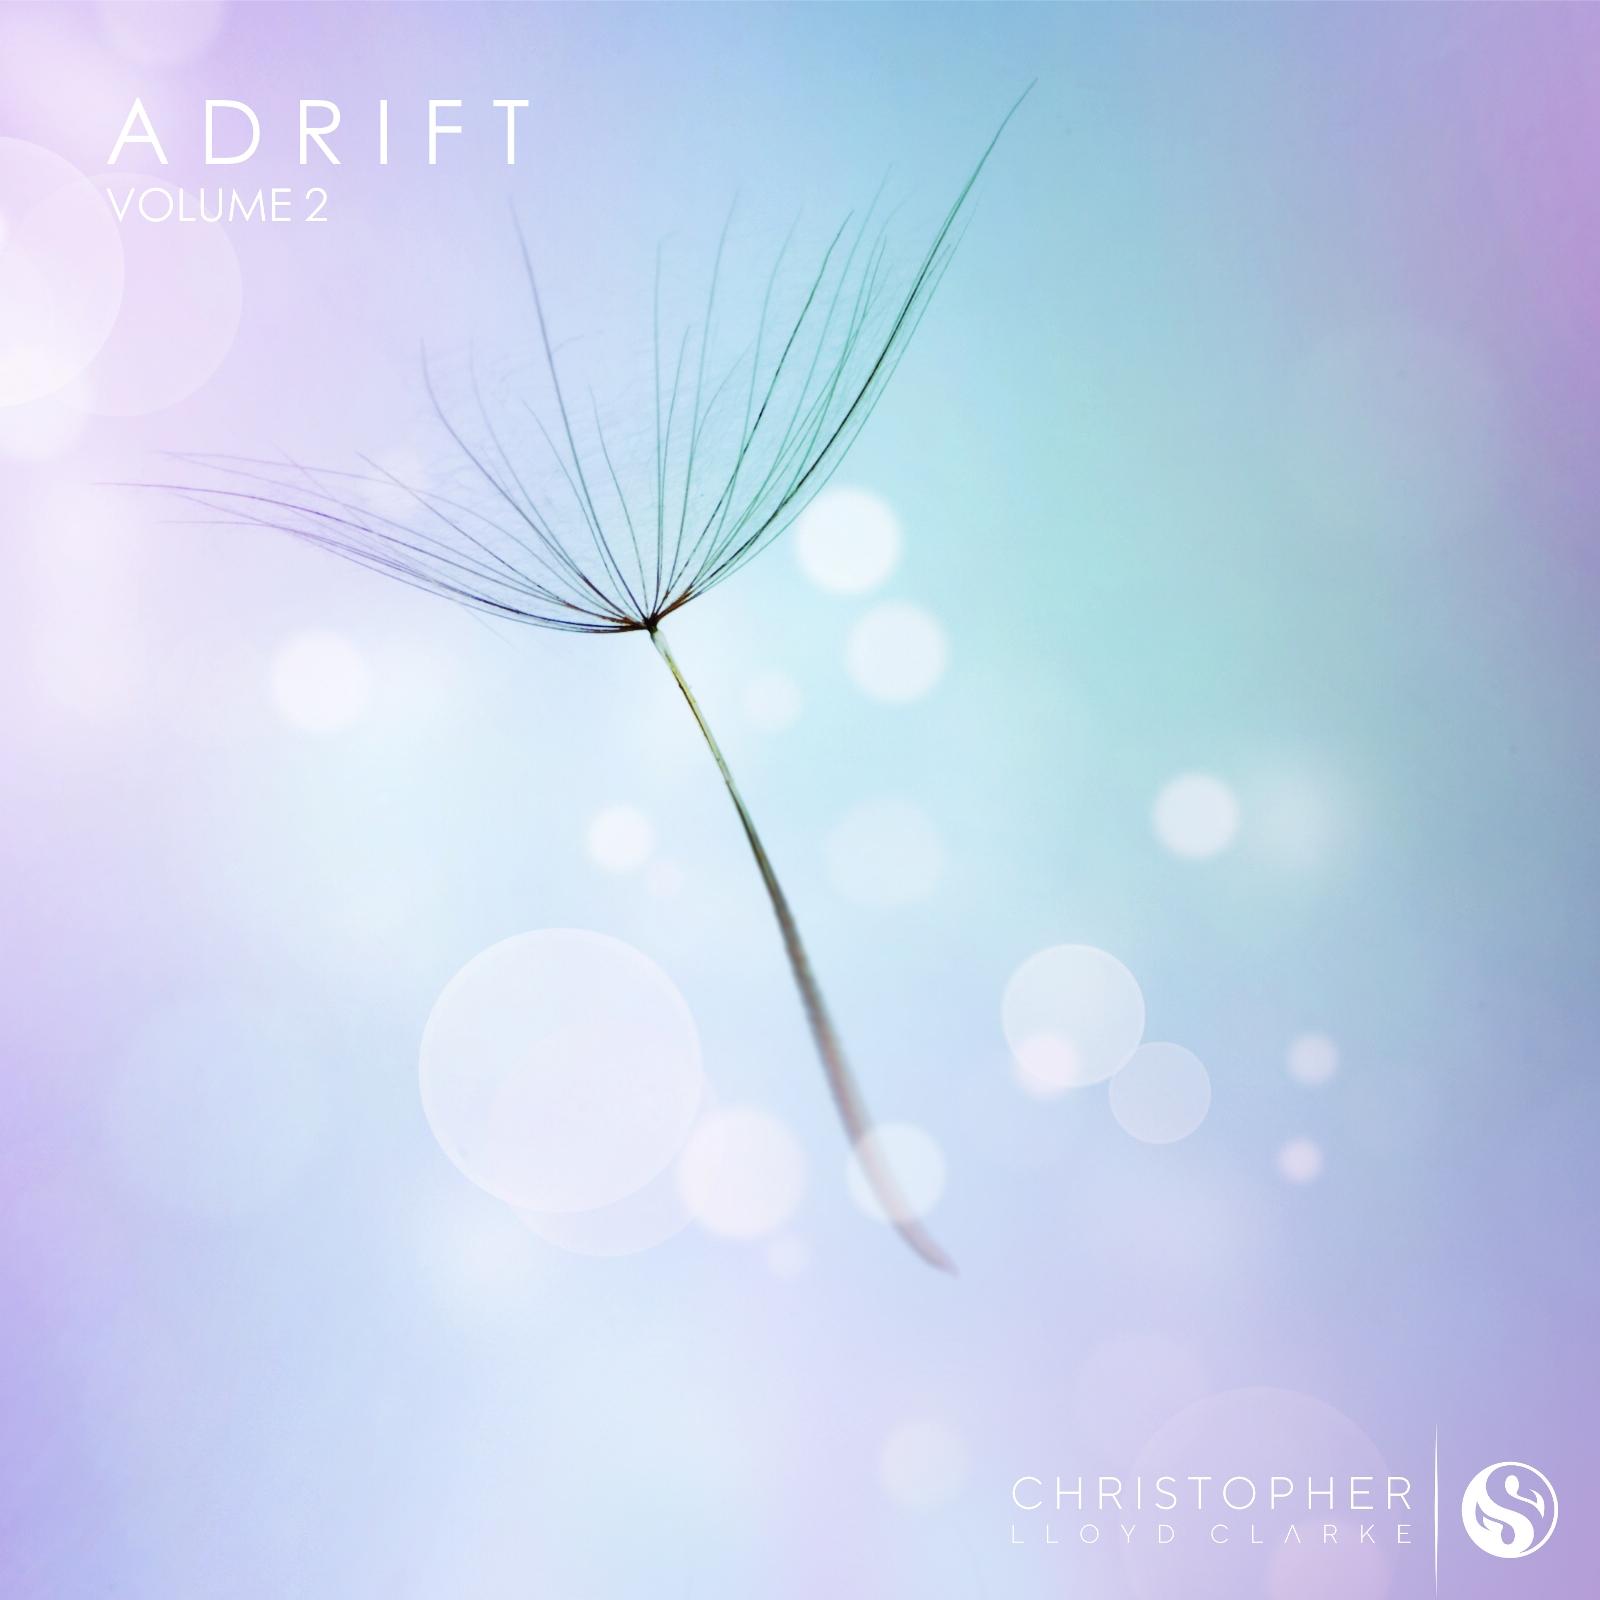 Adrift Volume 2